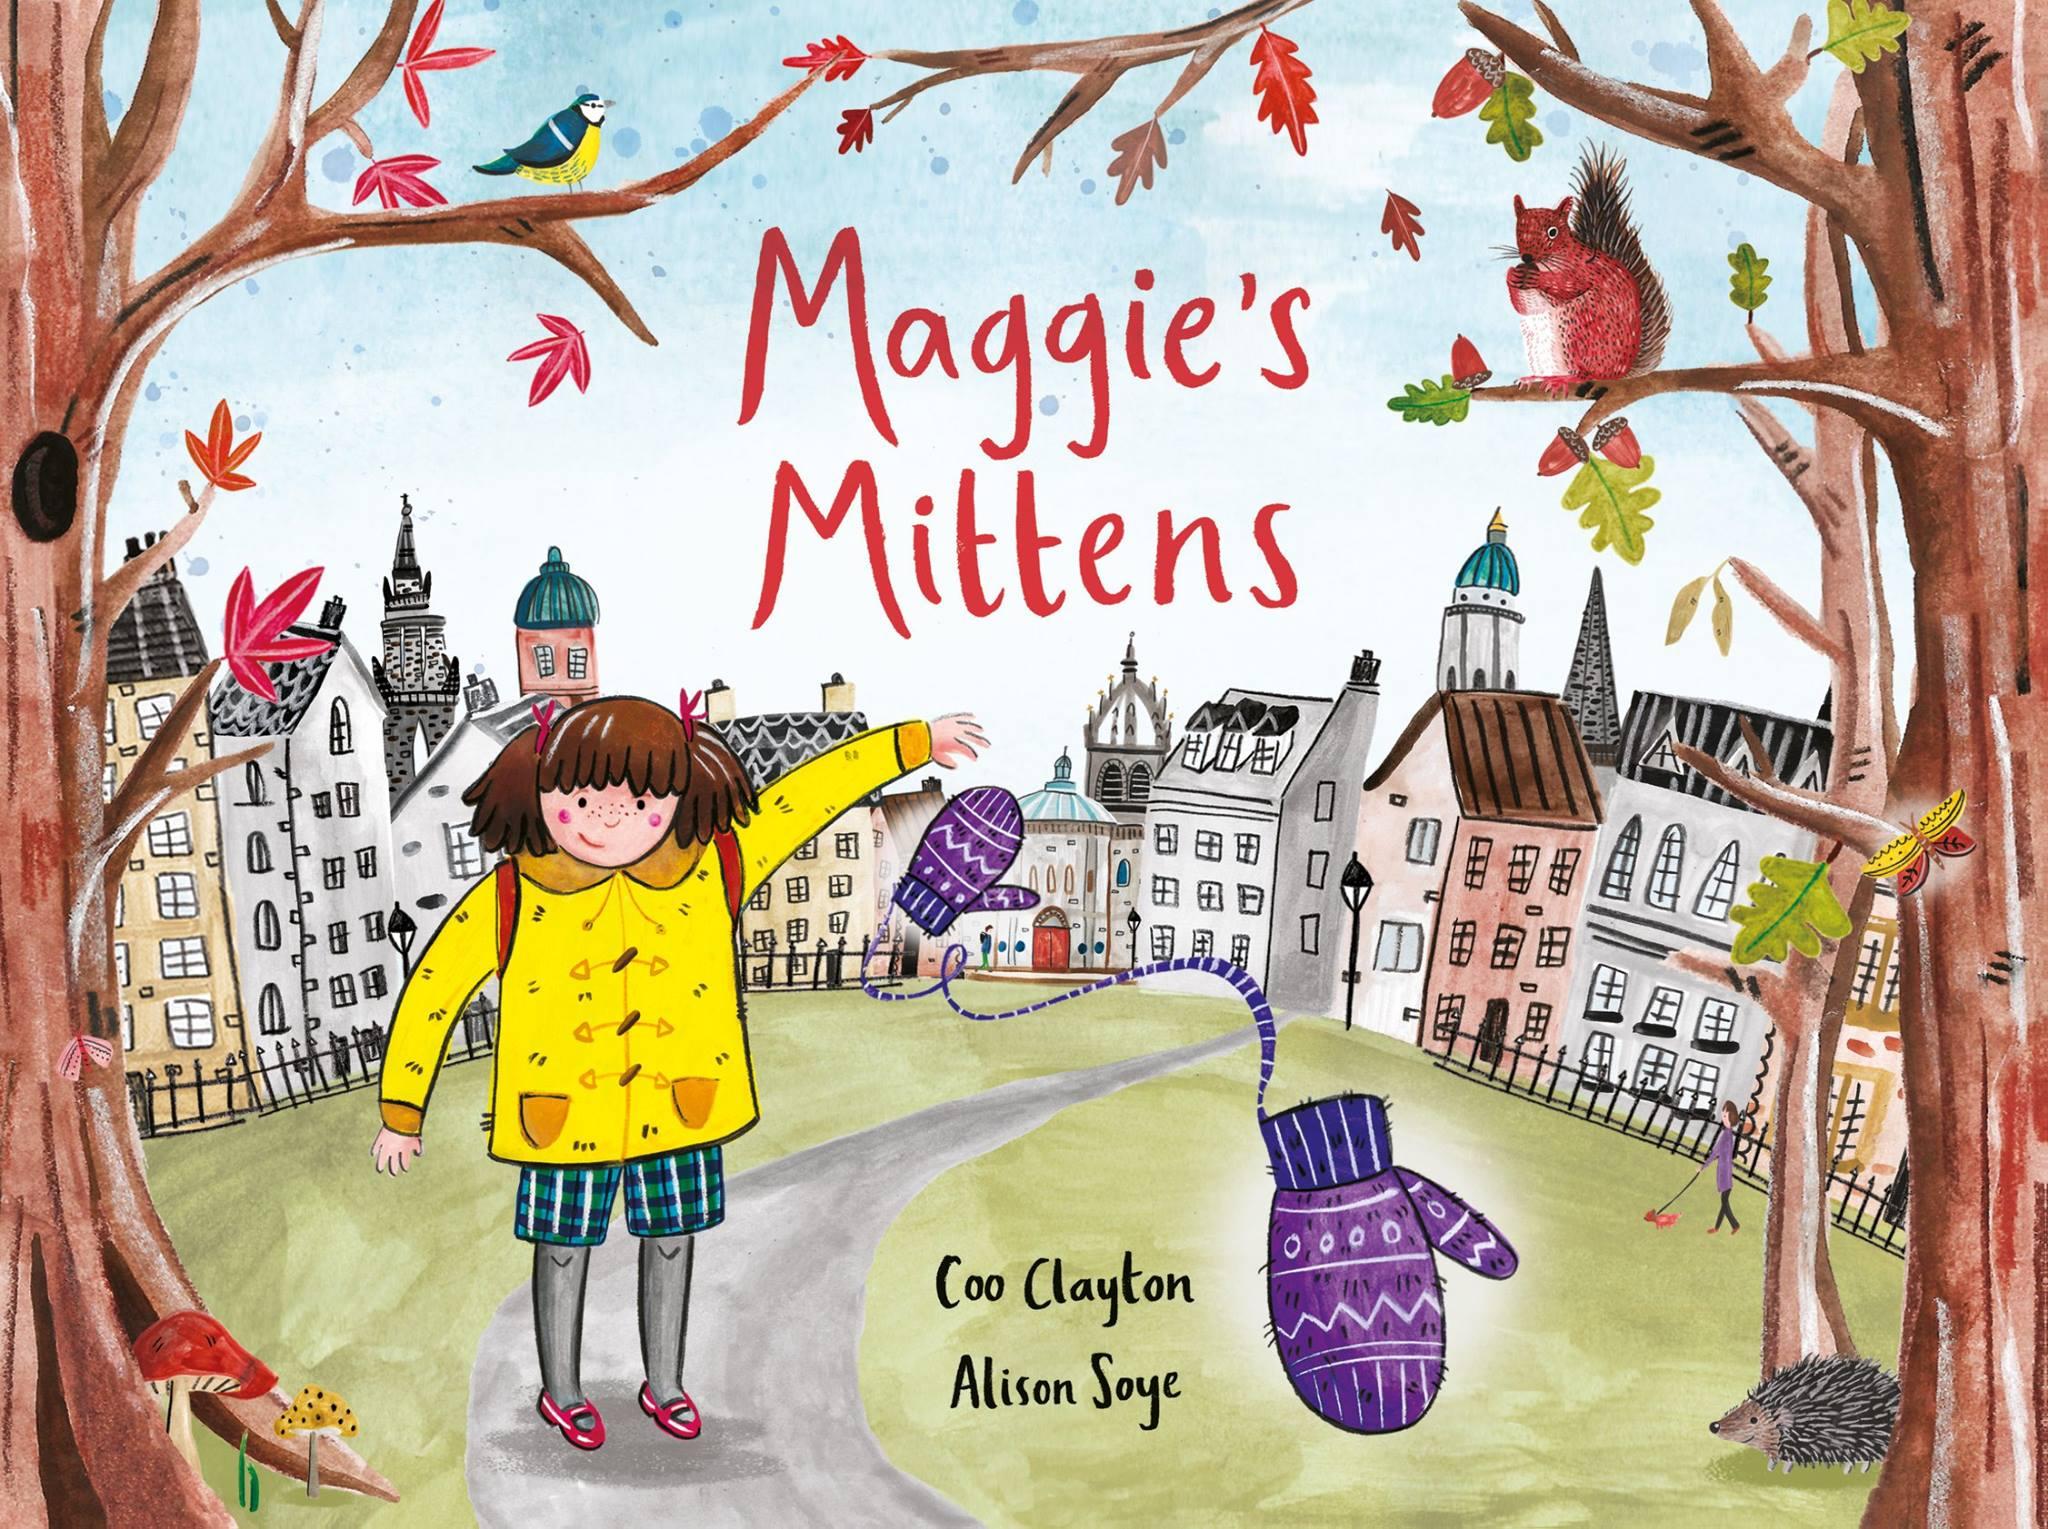 Maggie's Mittens